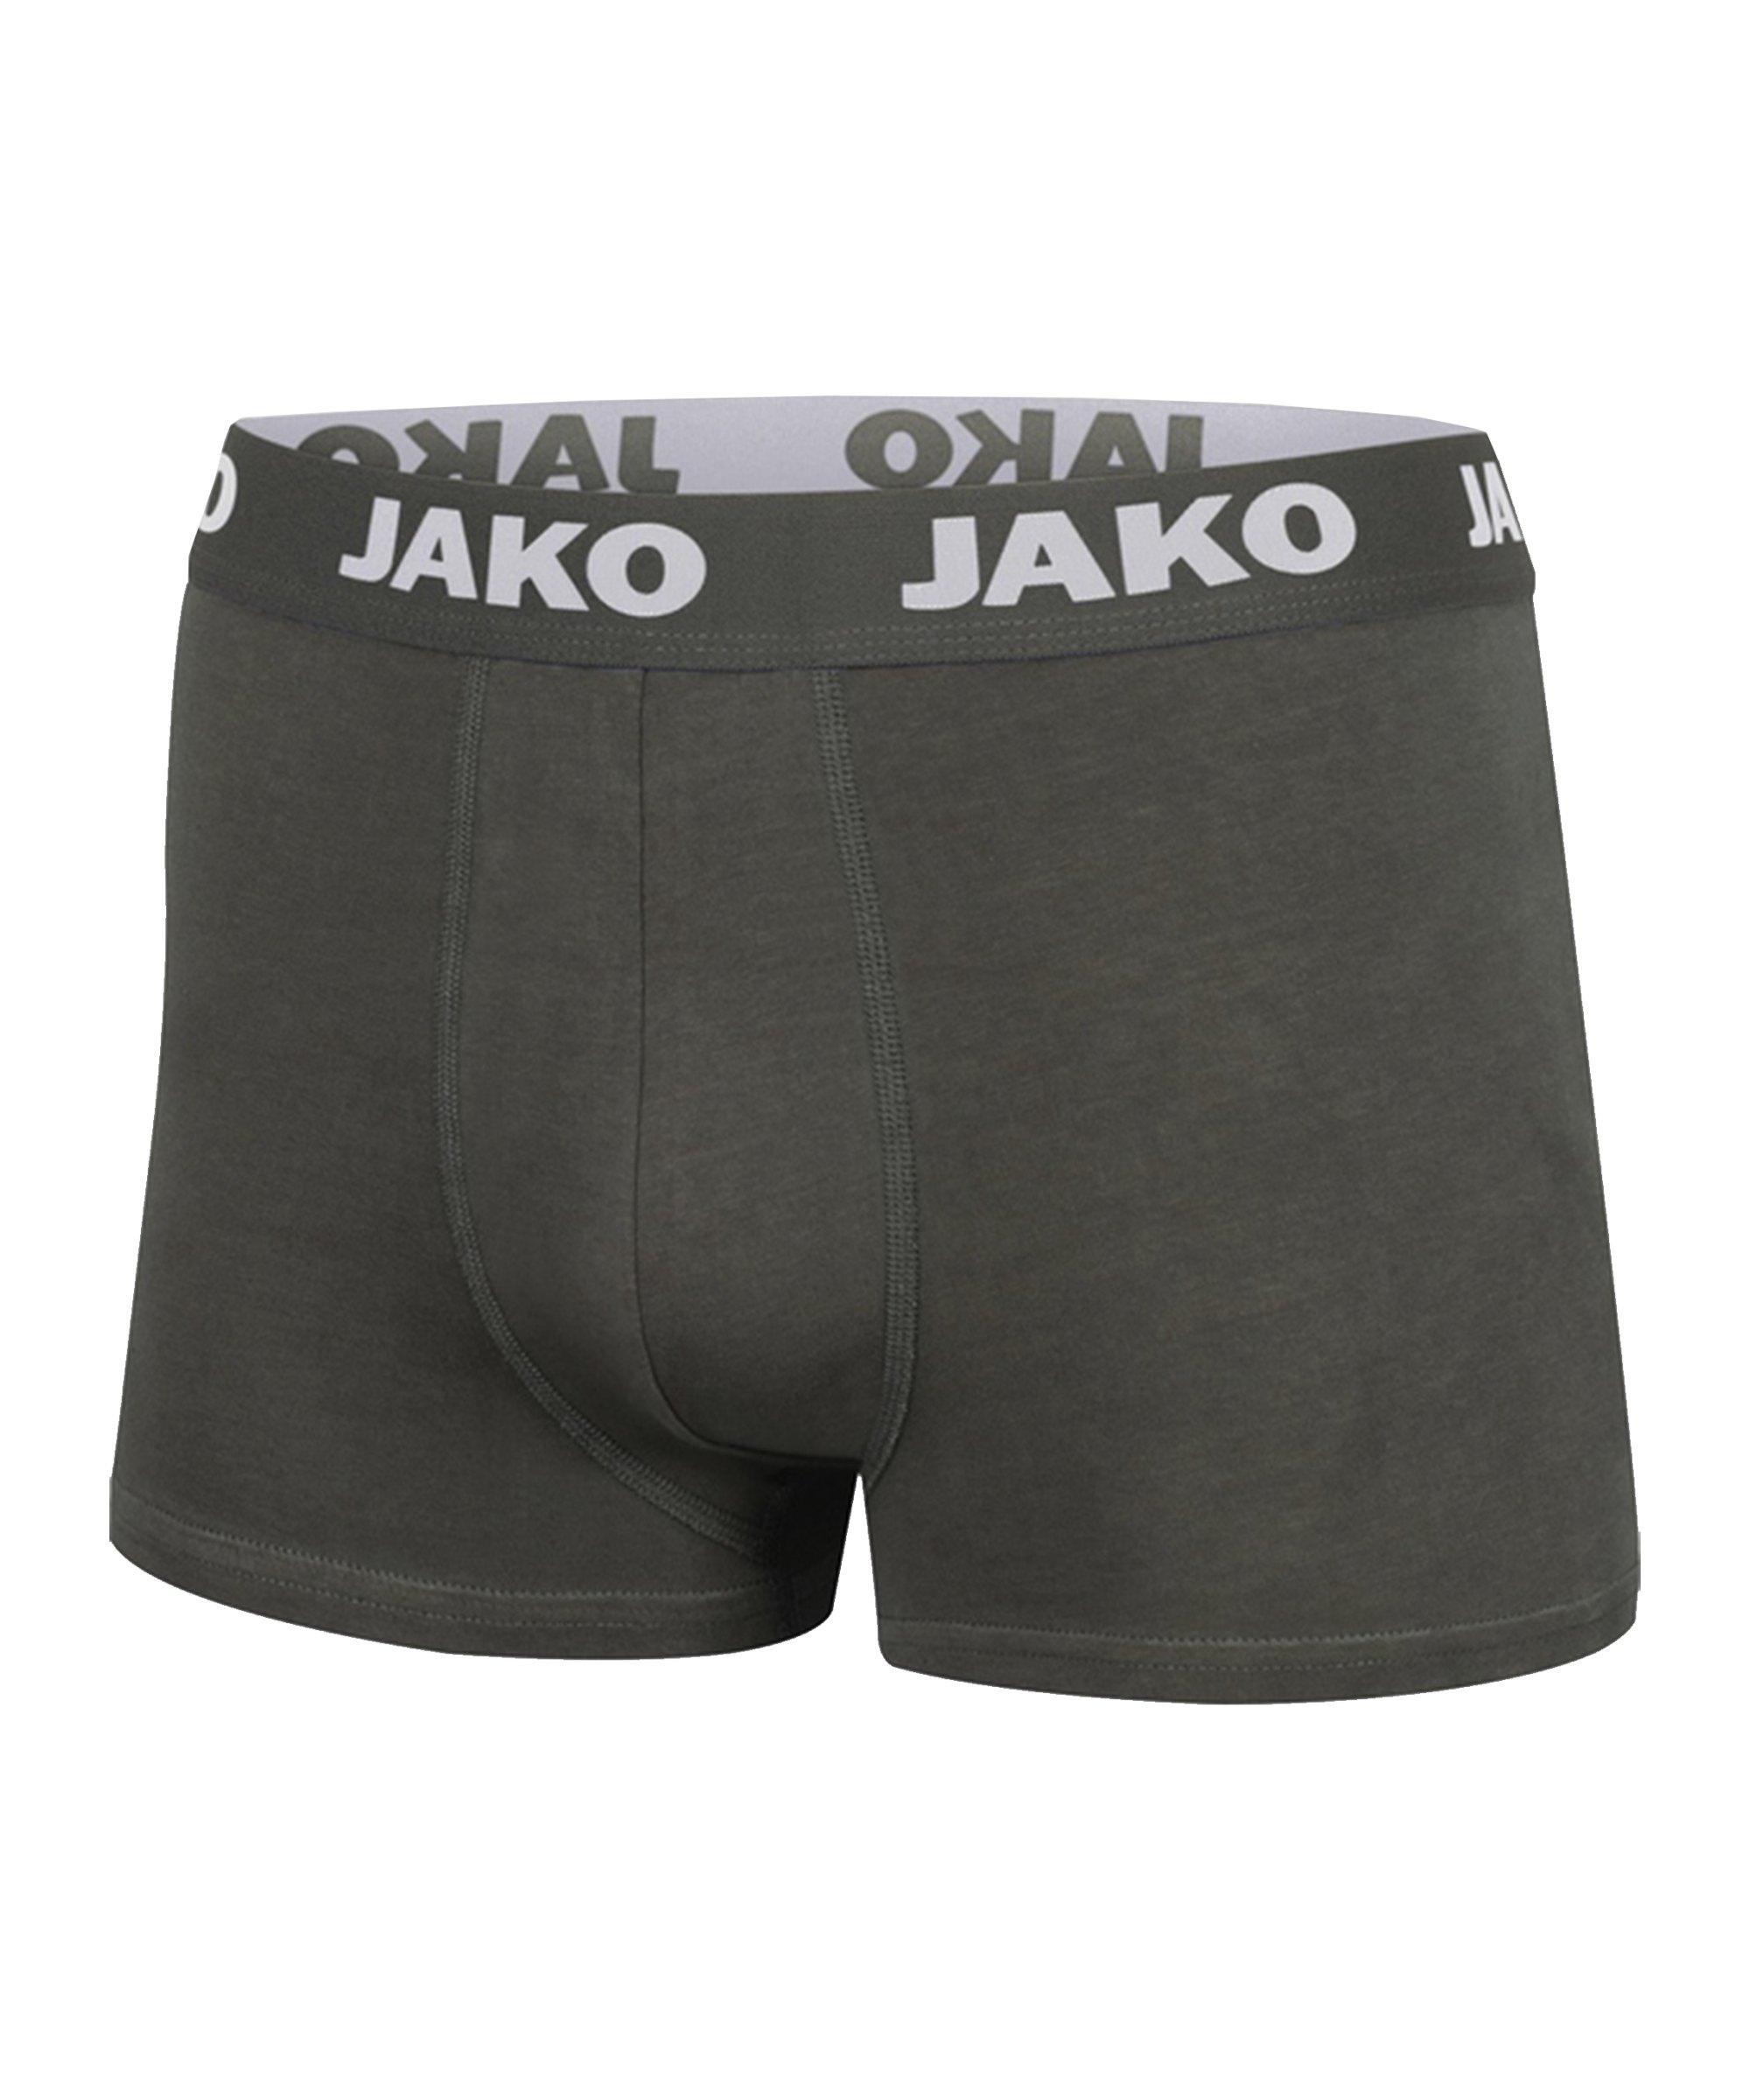 Jako Boxershorts Basic 2er Pack Grau F21 - grau